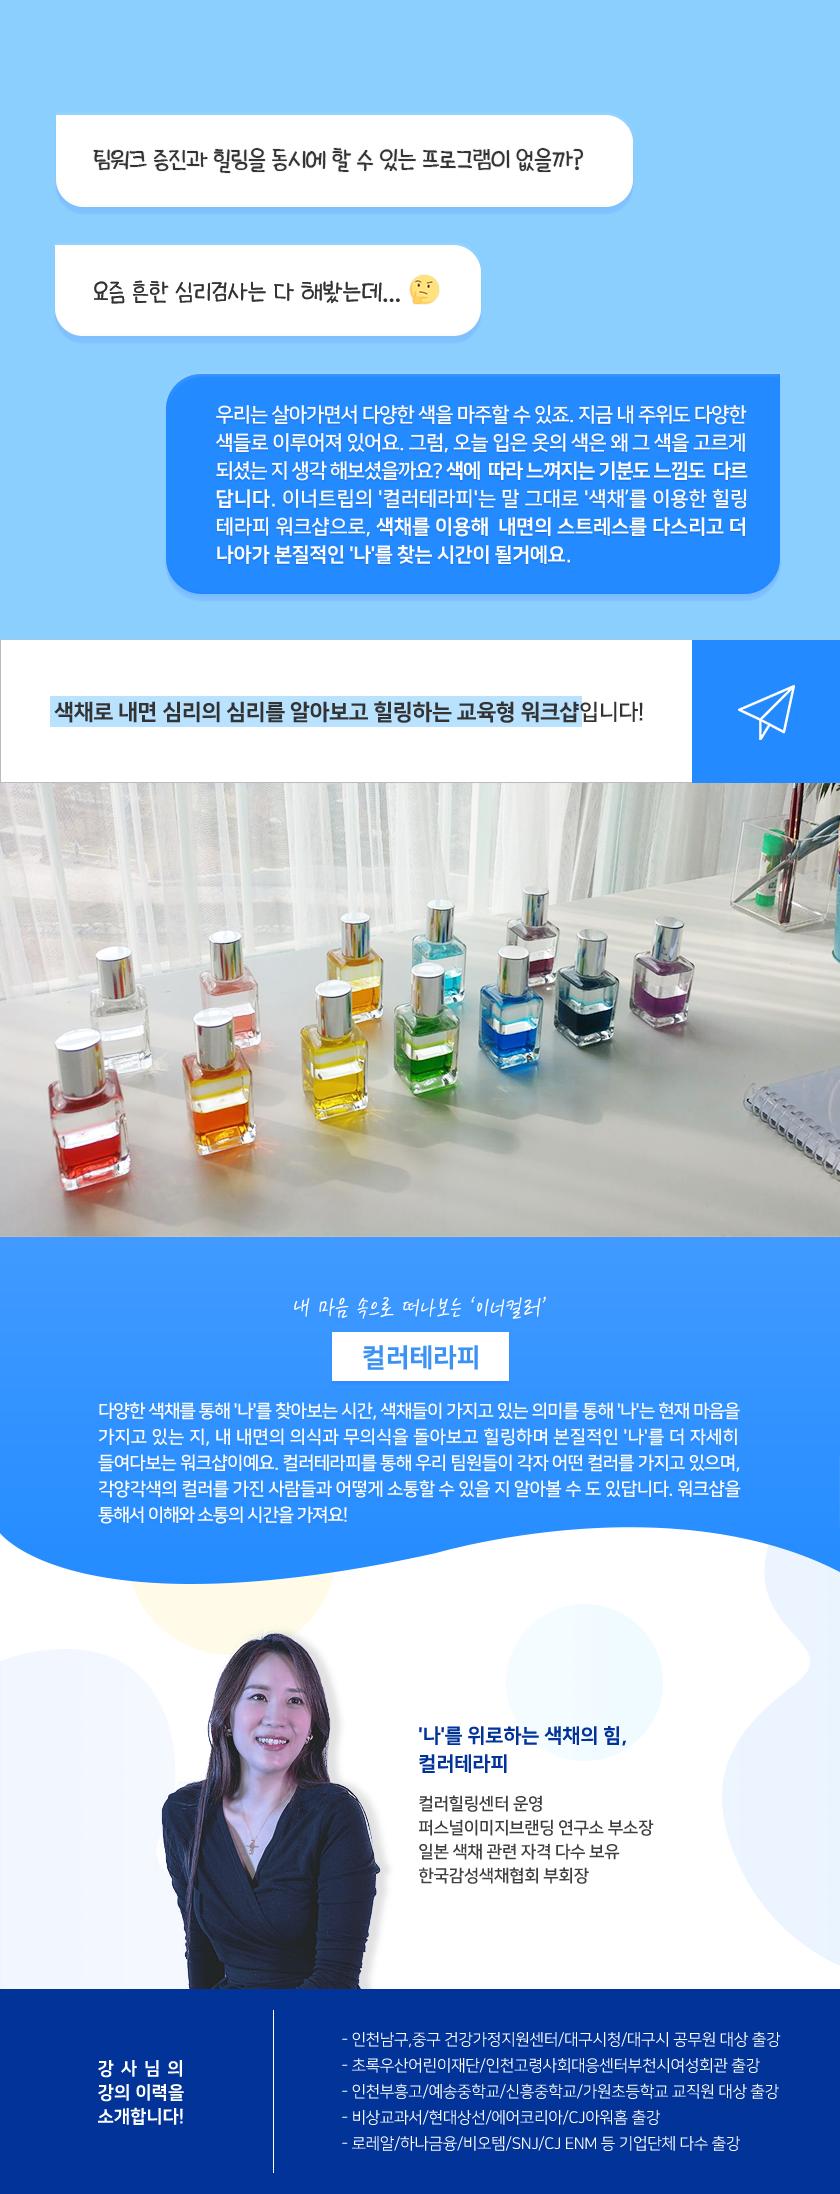 컬러테라피_LIVE 상세소개